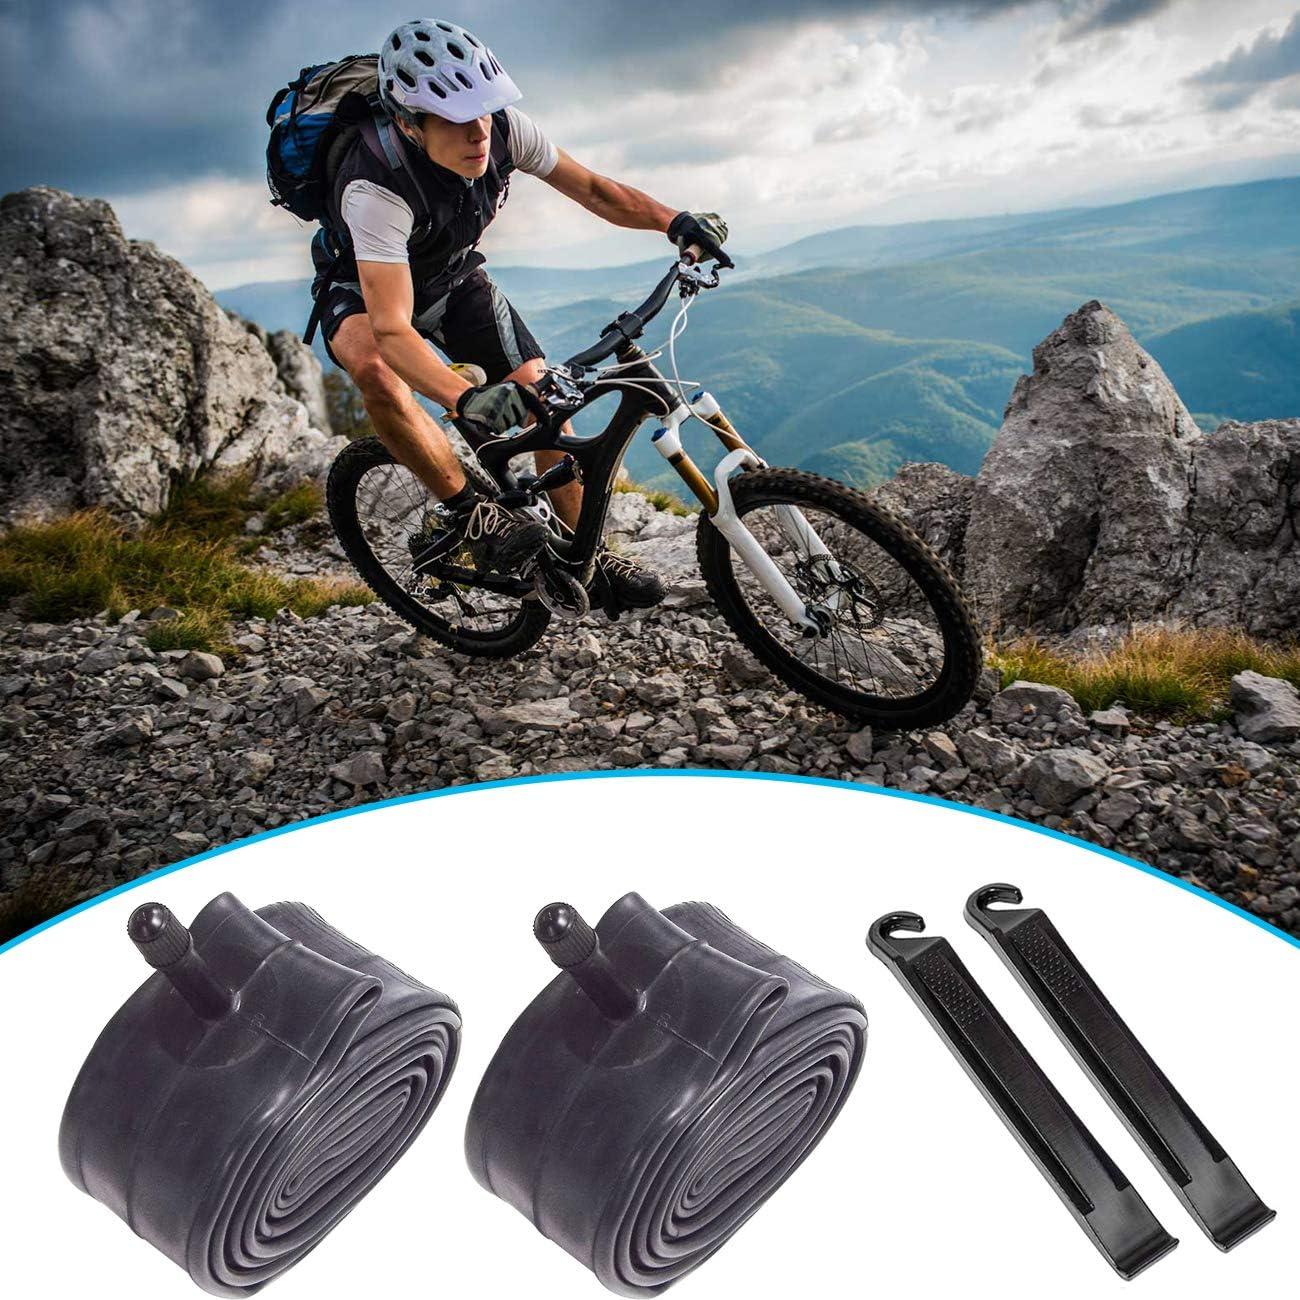 EddHomes 26 Inch Bike Tube 26x1.90//26x1.95//26x2.125 Inch Bike Inner Tube Bicycle Tube Replacement for Bike Inner Tubes Durable Butyl Rubber Bike Tires 2 Pack